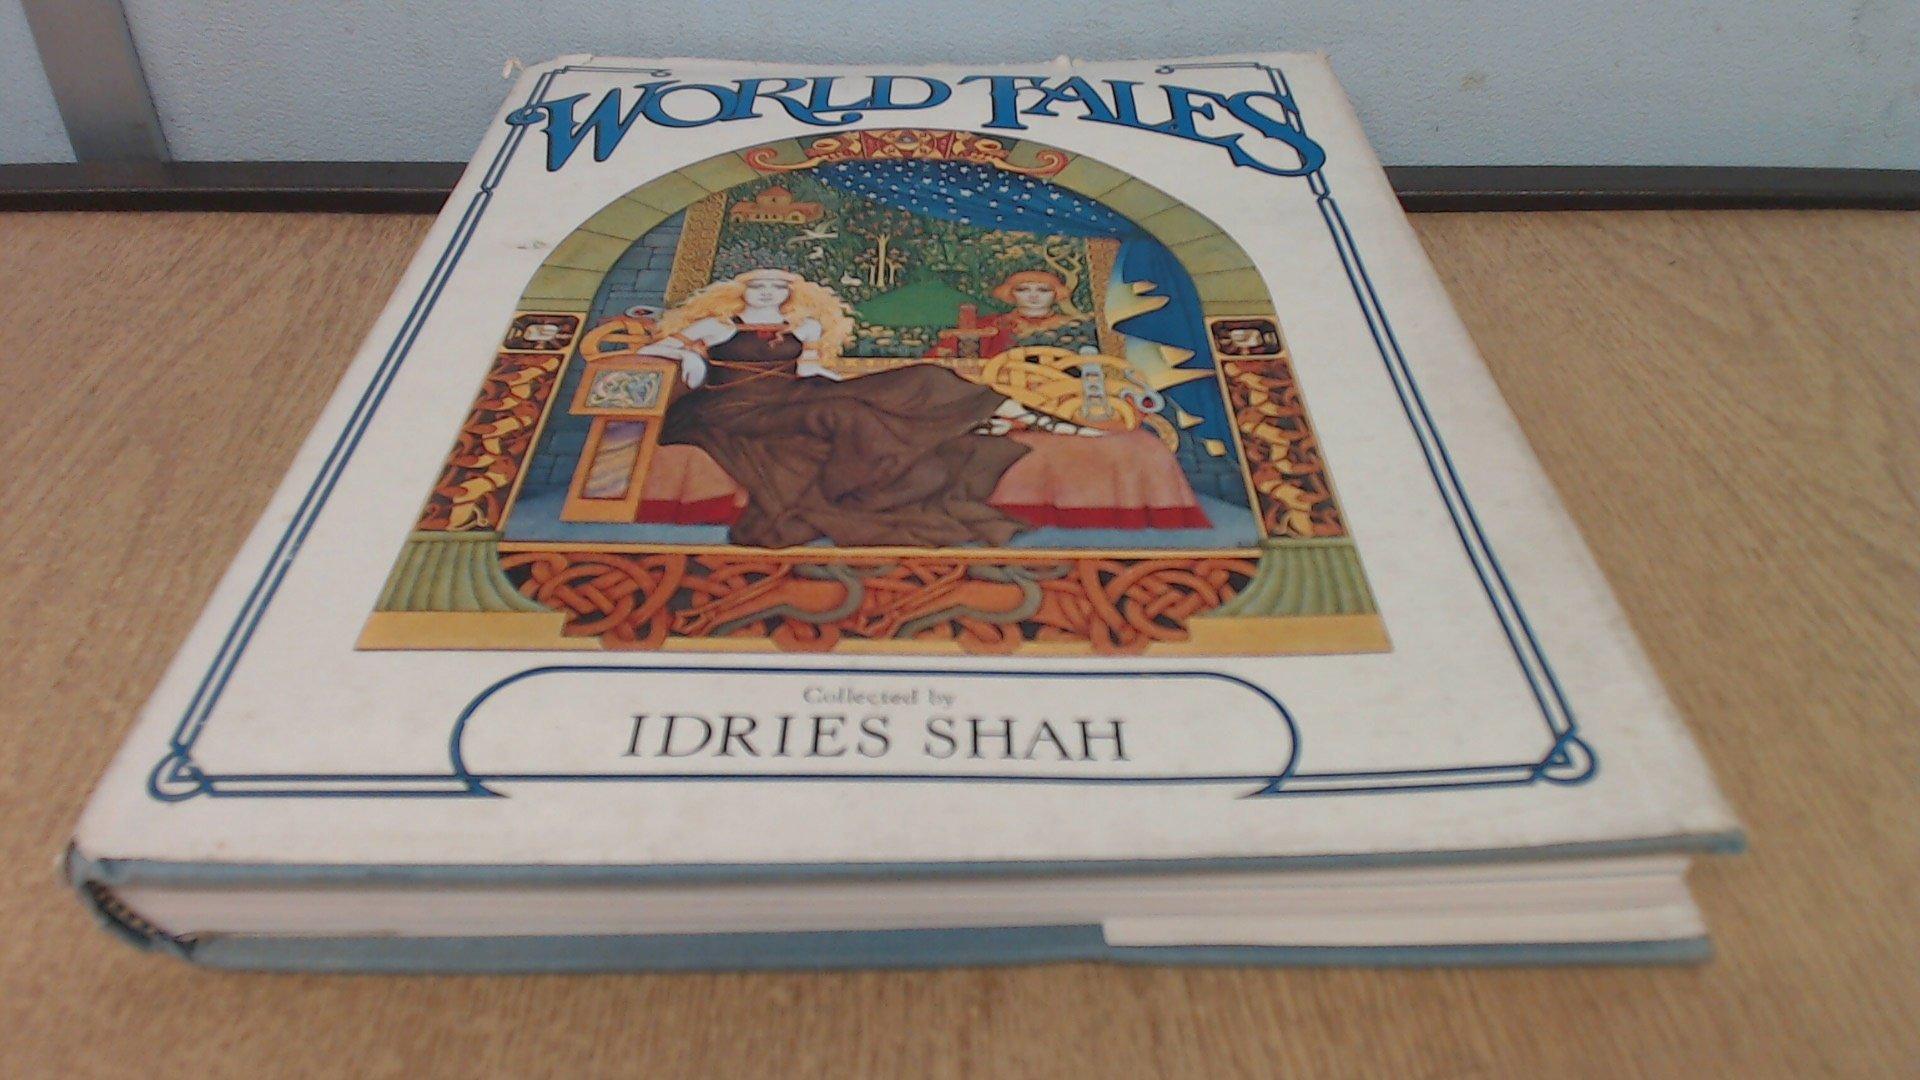 WORLD TALES IDRIES SHAH EBOOK DOWNLOAD